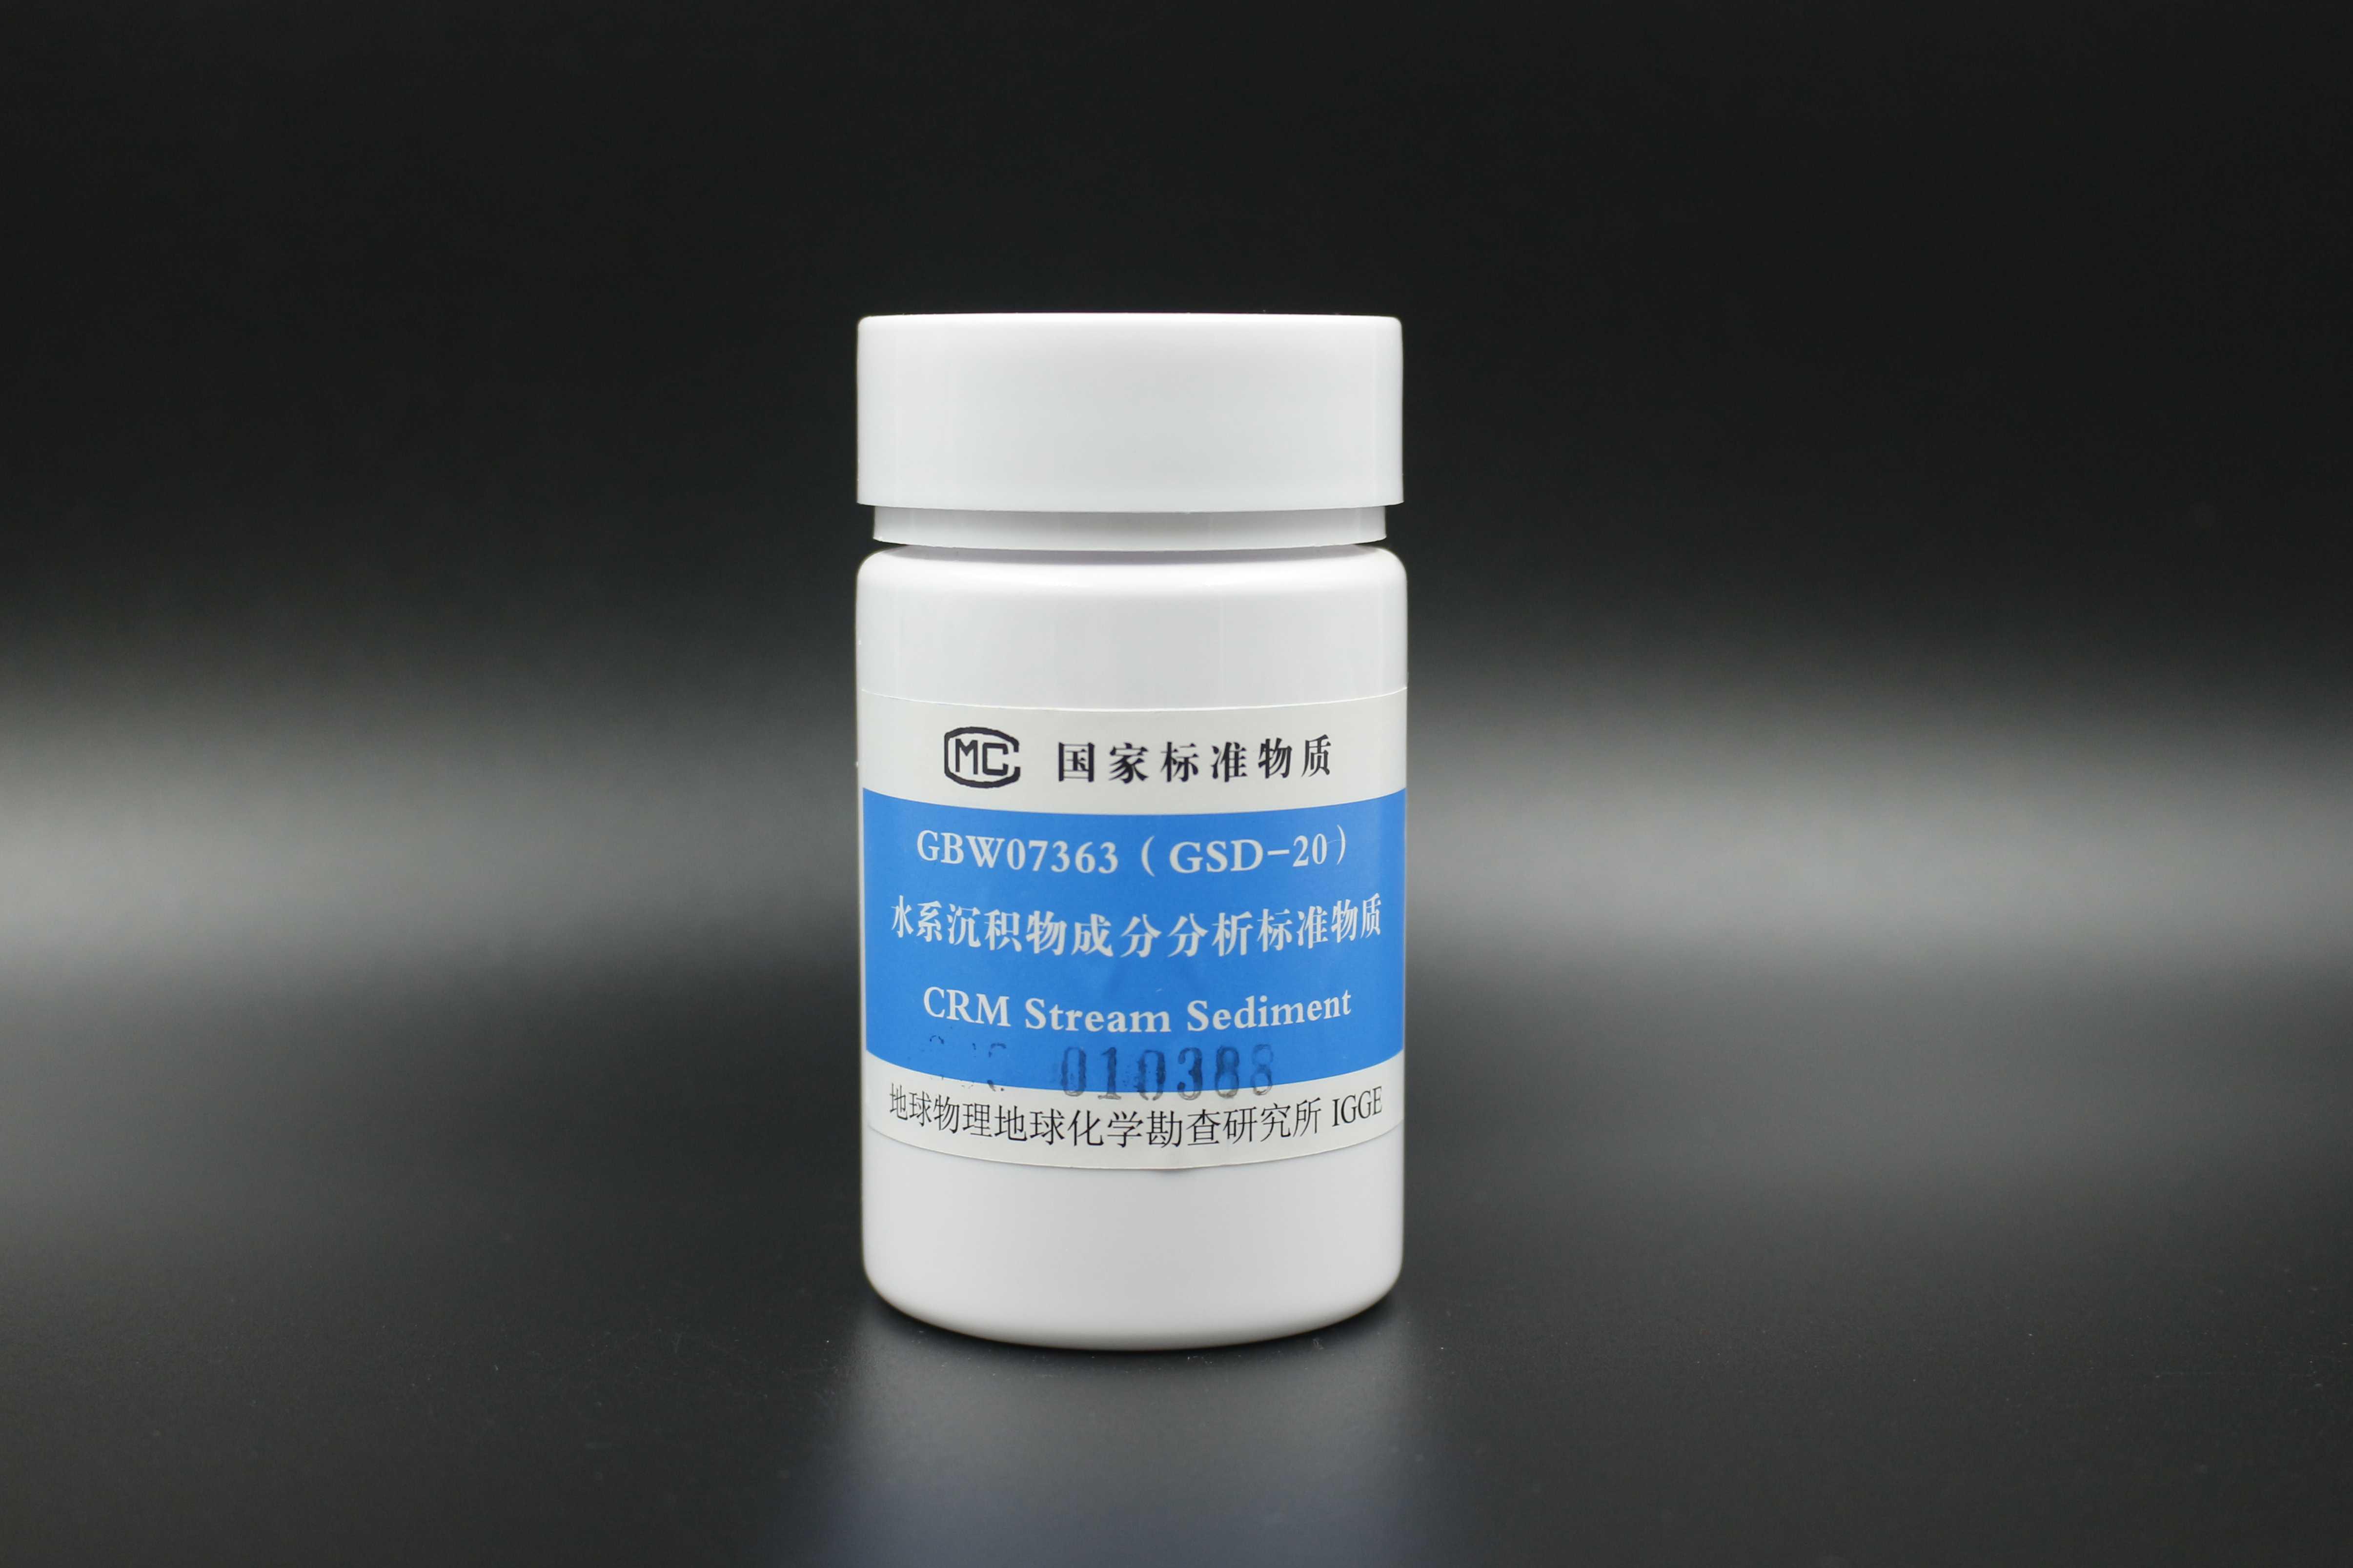 土壤成分分析标准物质强势来袭-www.biaowu.com北纳生物